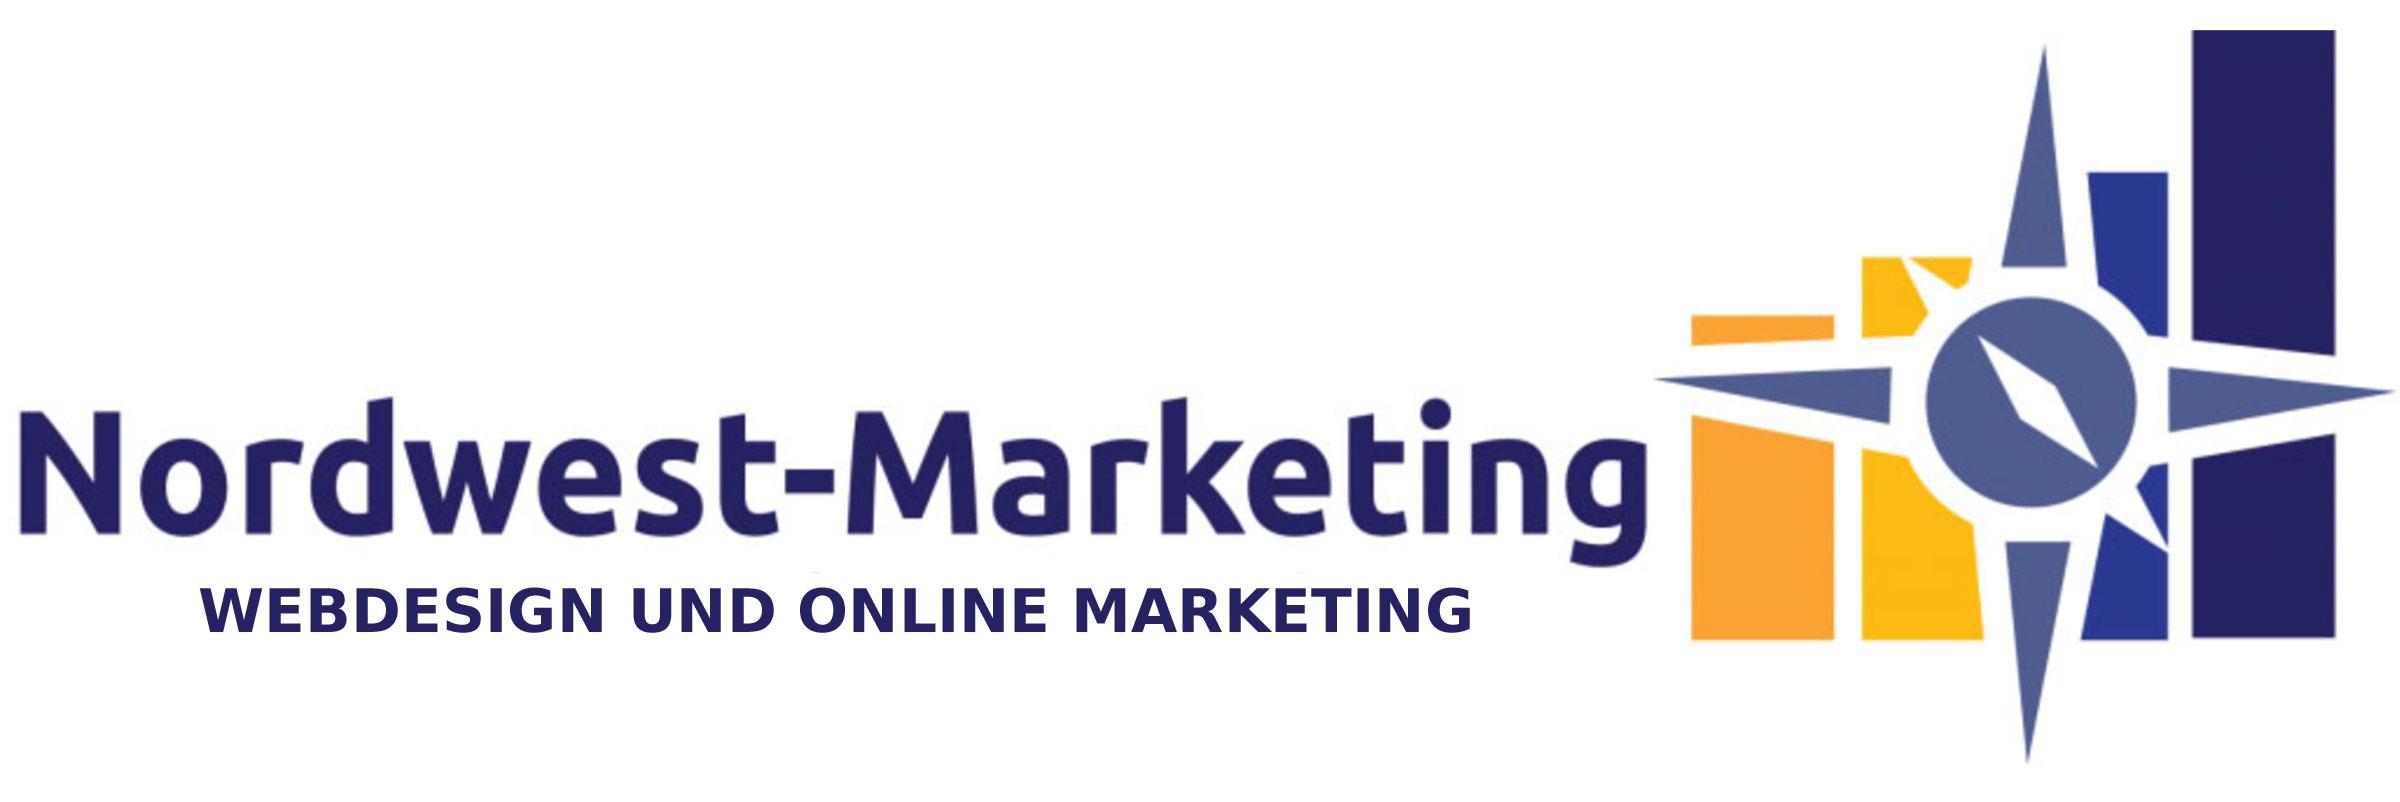 Nordwest Marketing Webdesign und Online Marketing